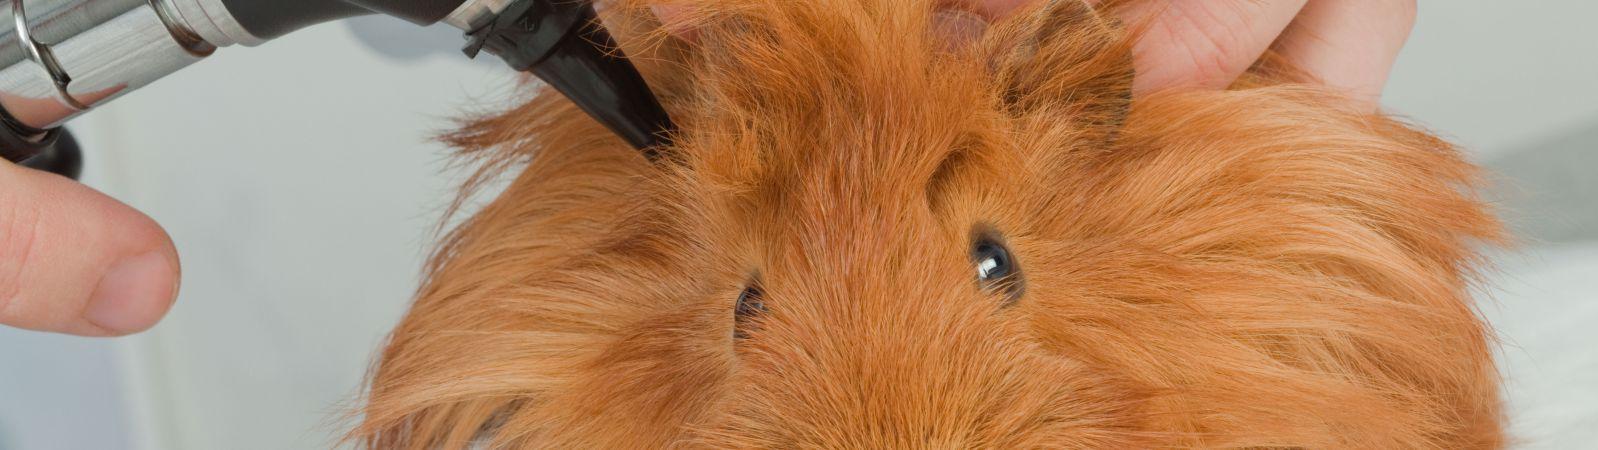 Les services de la clinique vétérinaires des abers